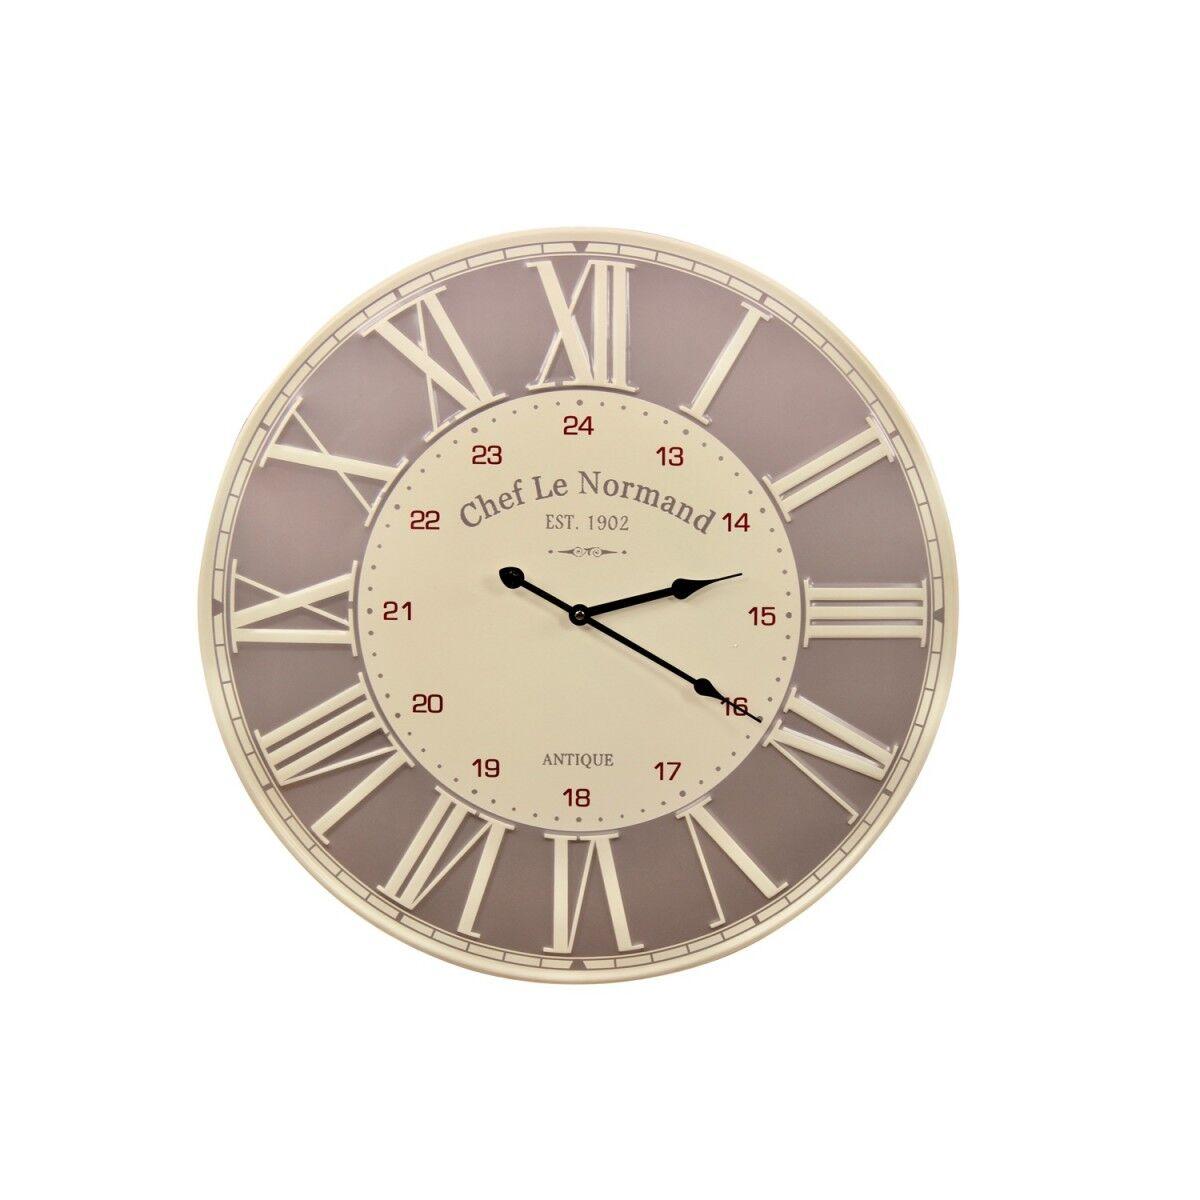 Décoration d'Autrefois Horloge Ancienne Metal Chef Le Normand 58cm - Métal - Blanc